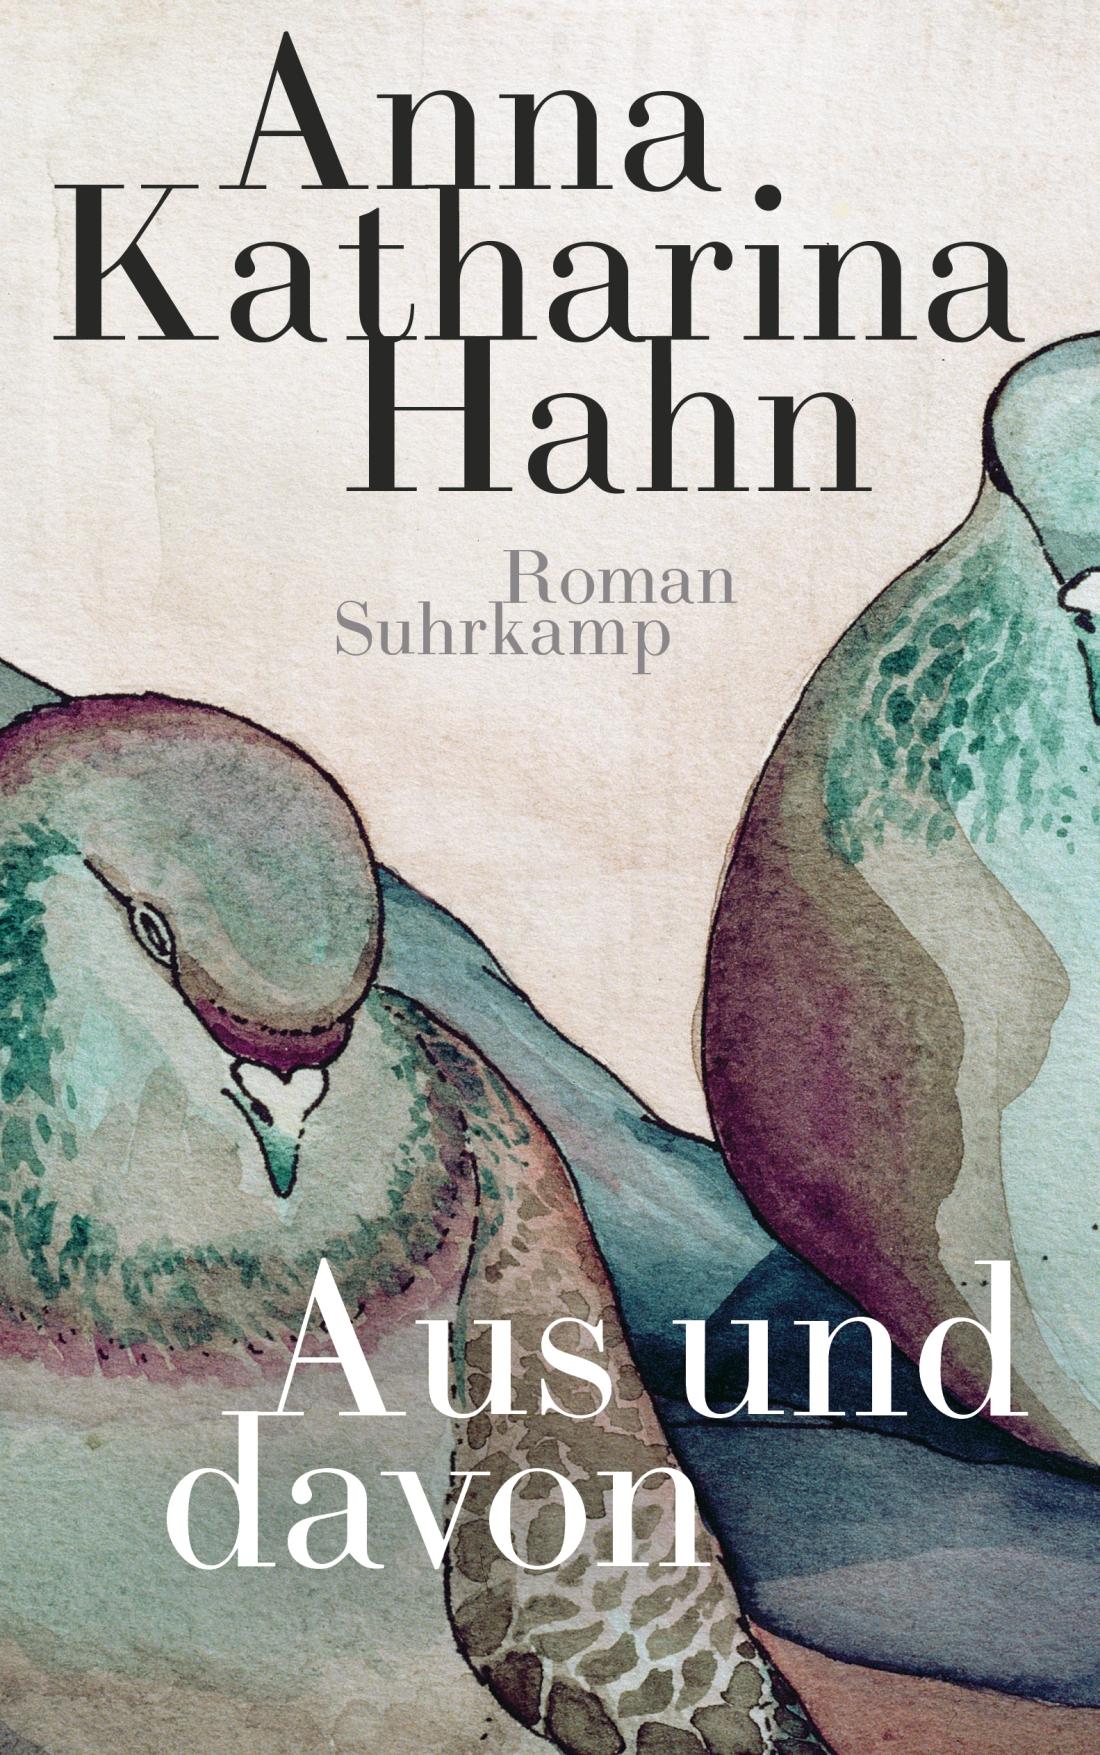 Suhrkamp_Hahn_AusUndDavon